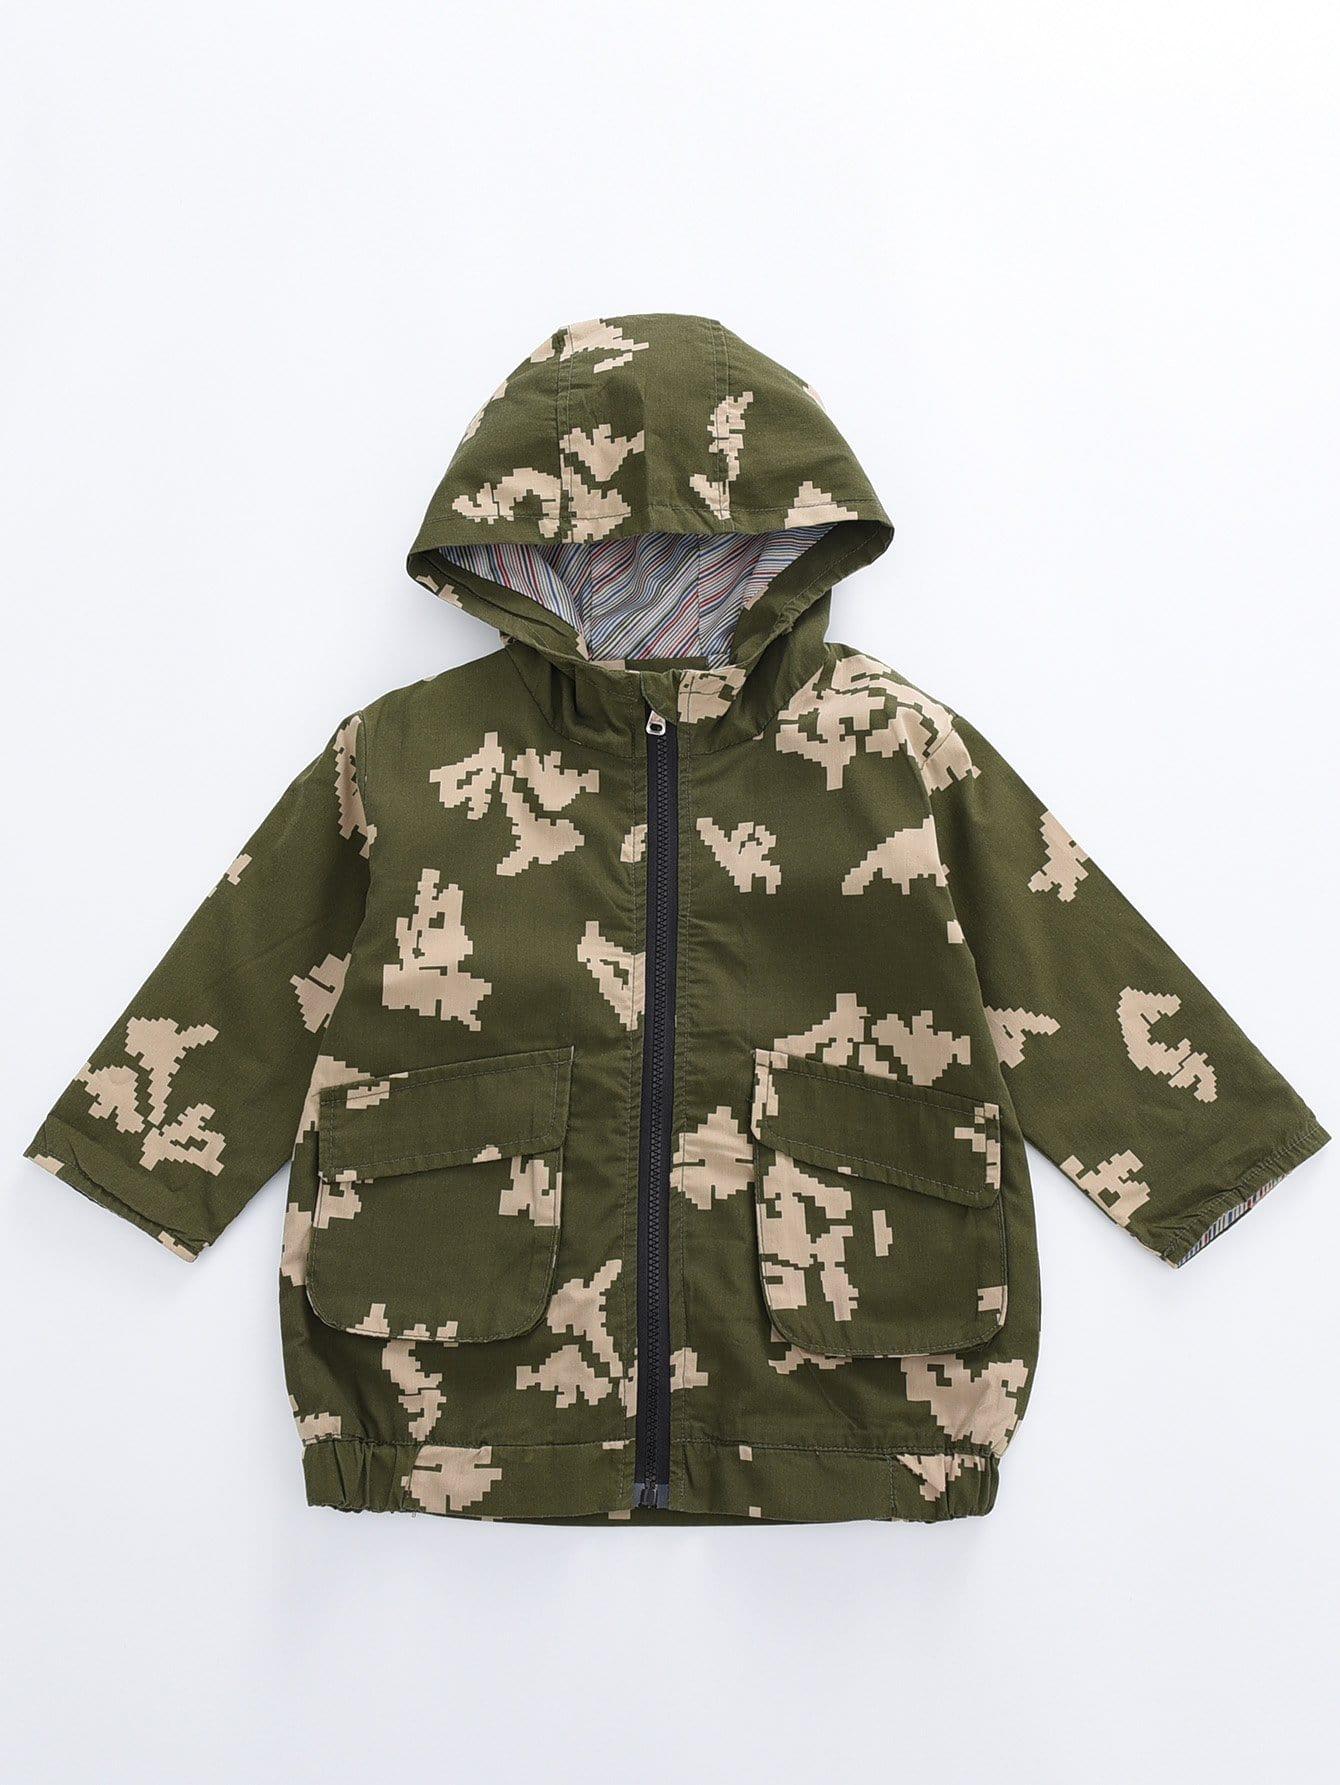 Купить Камуфляж с карманами Цвета хаки Жакеты и пальто для мальчиков, null, SheIn